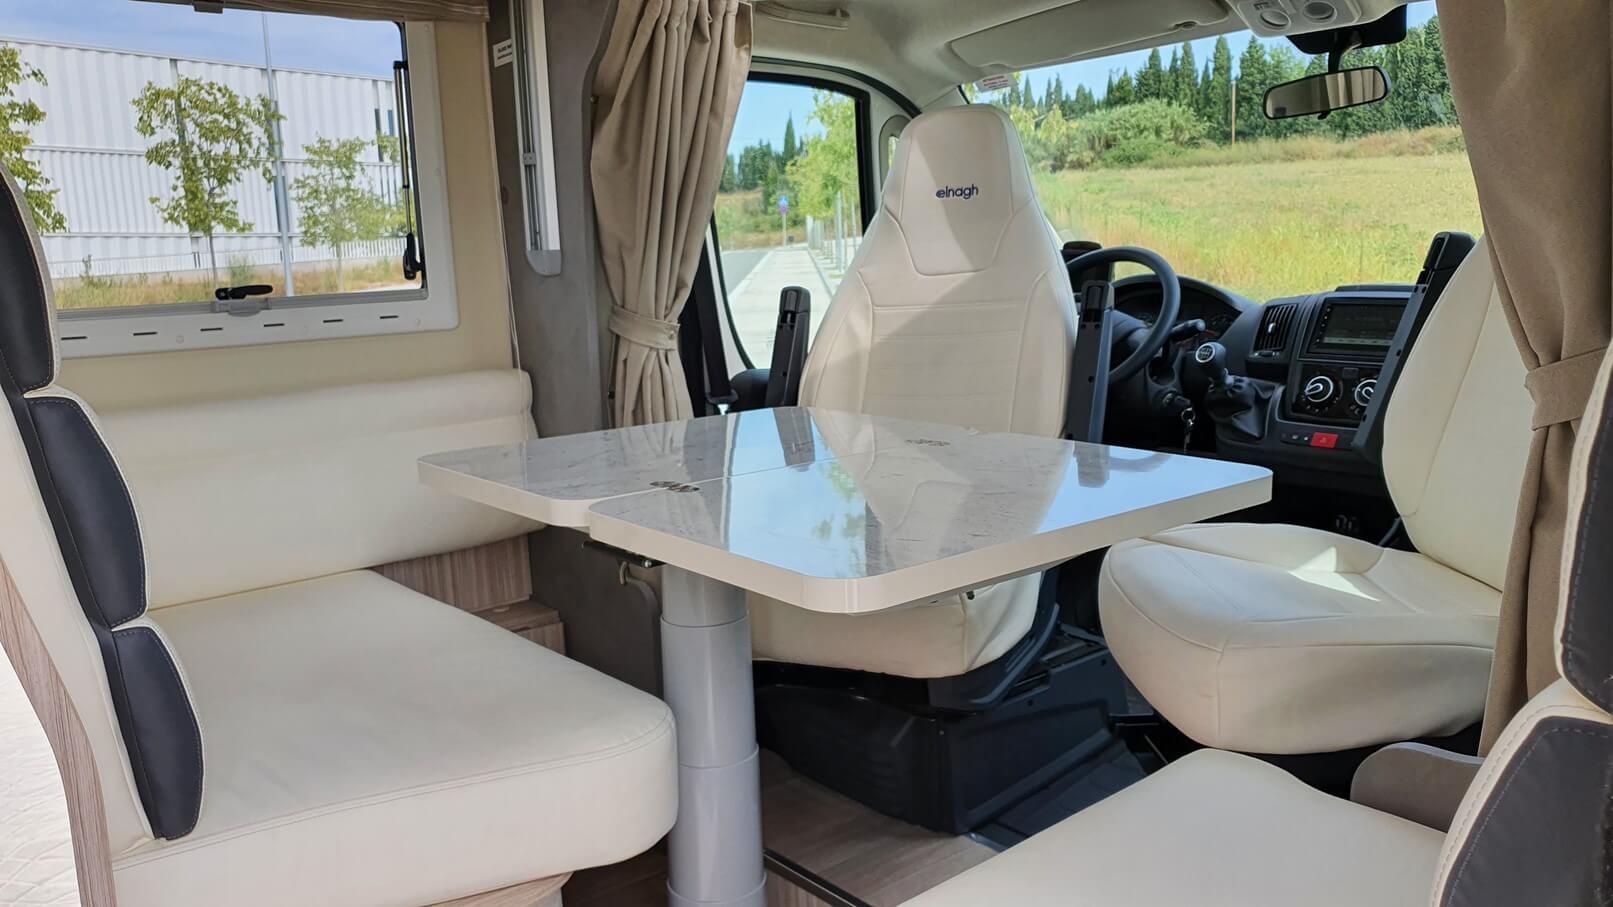 autocaravana con comedor integrado